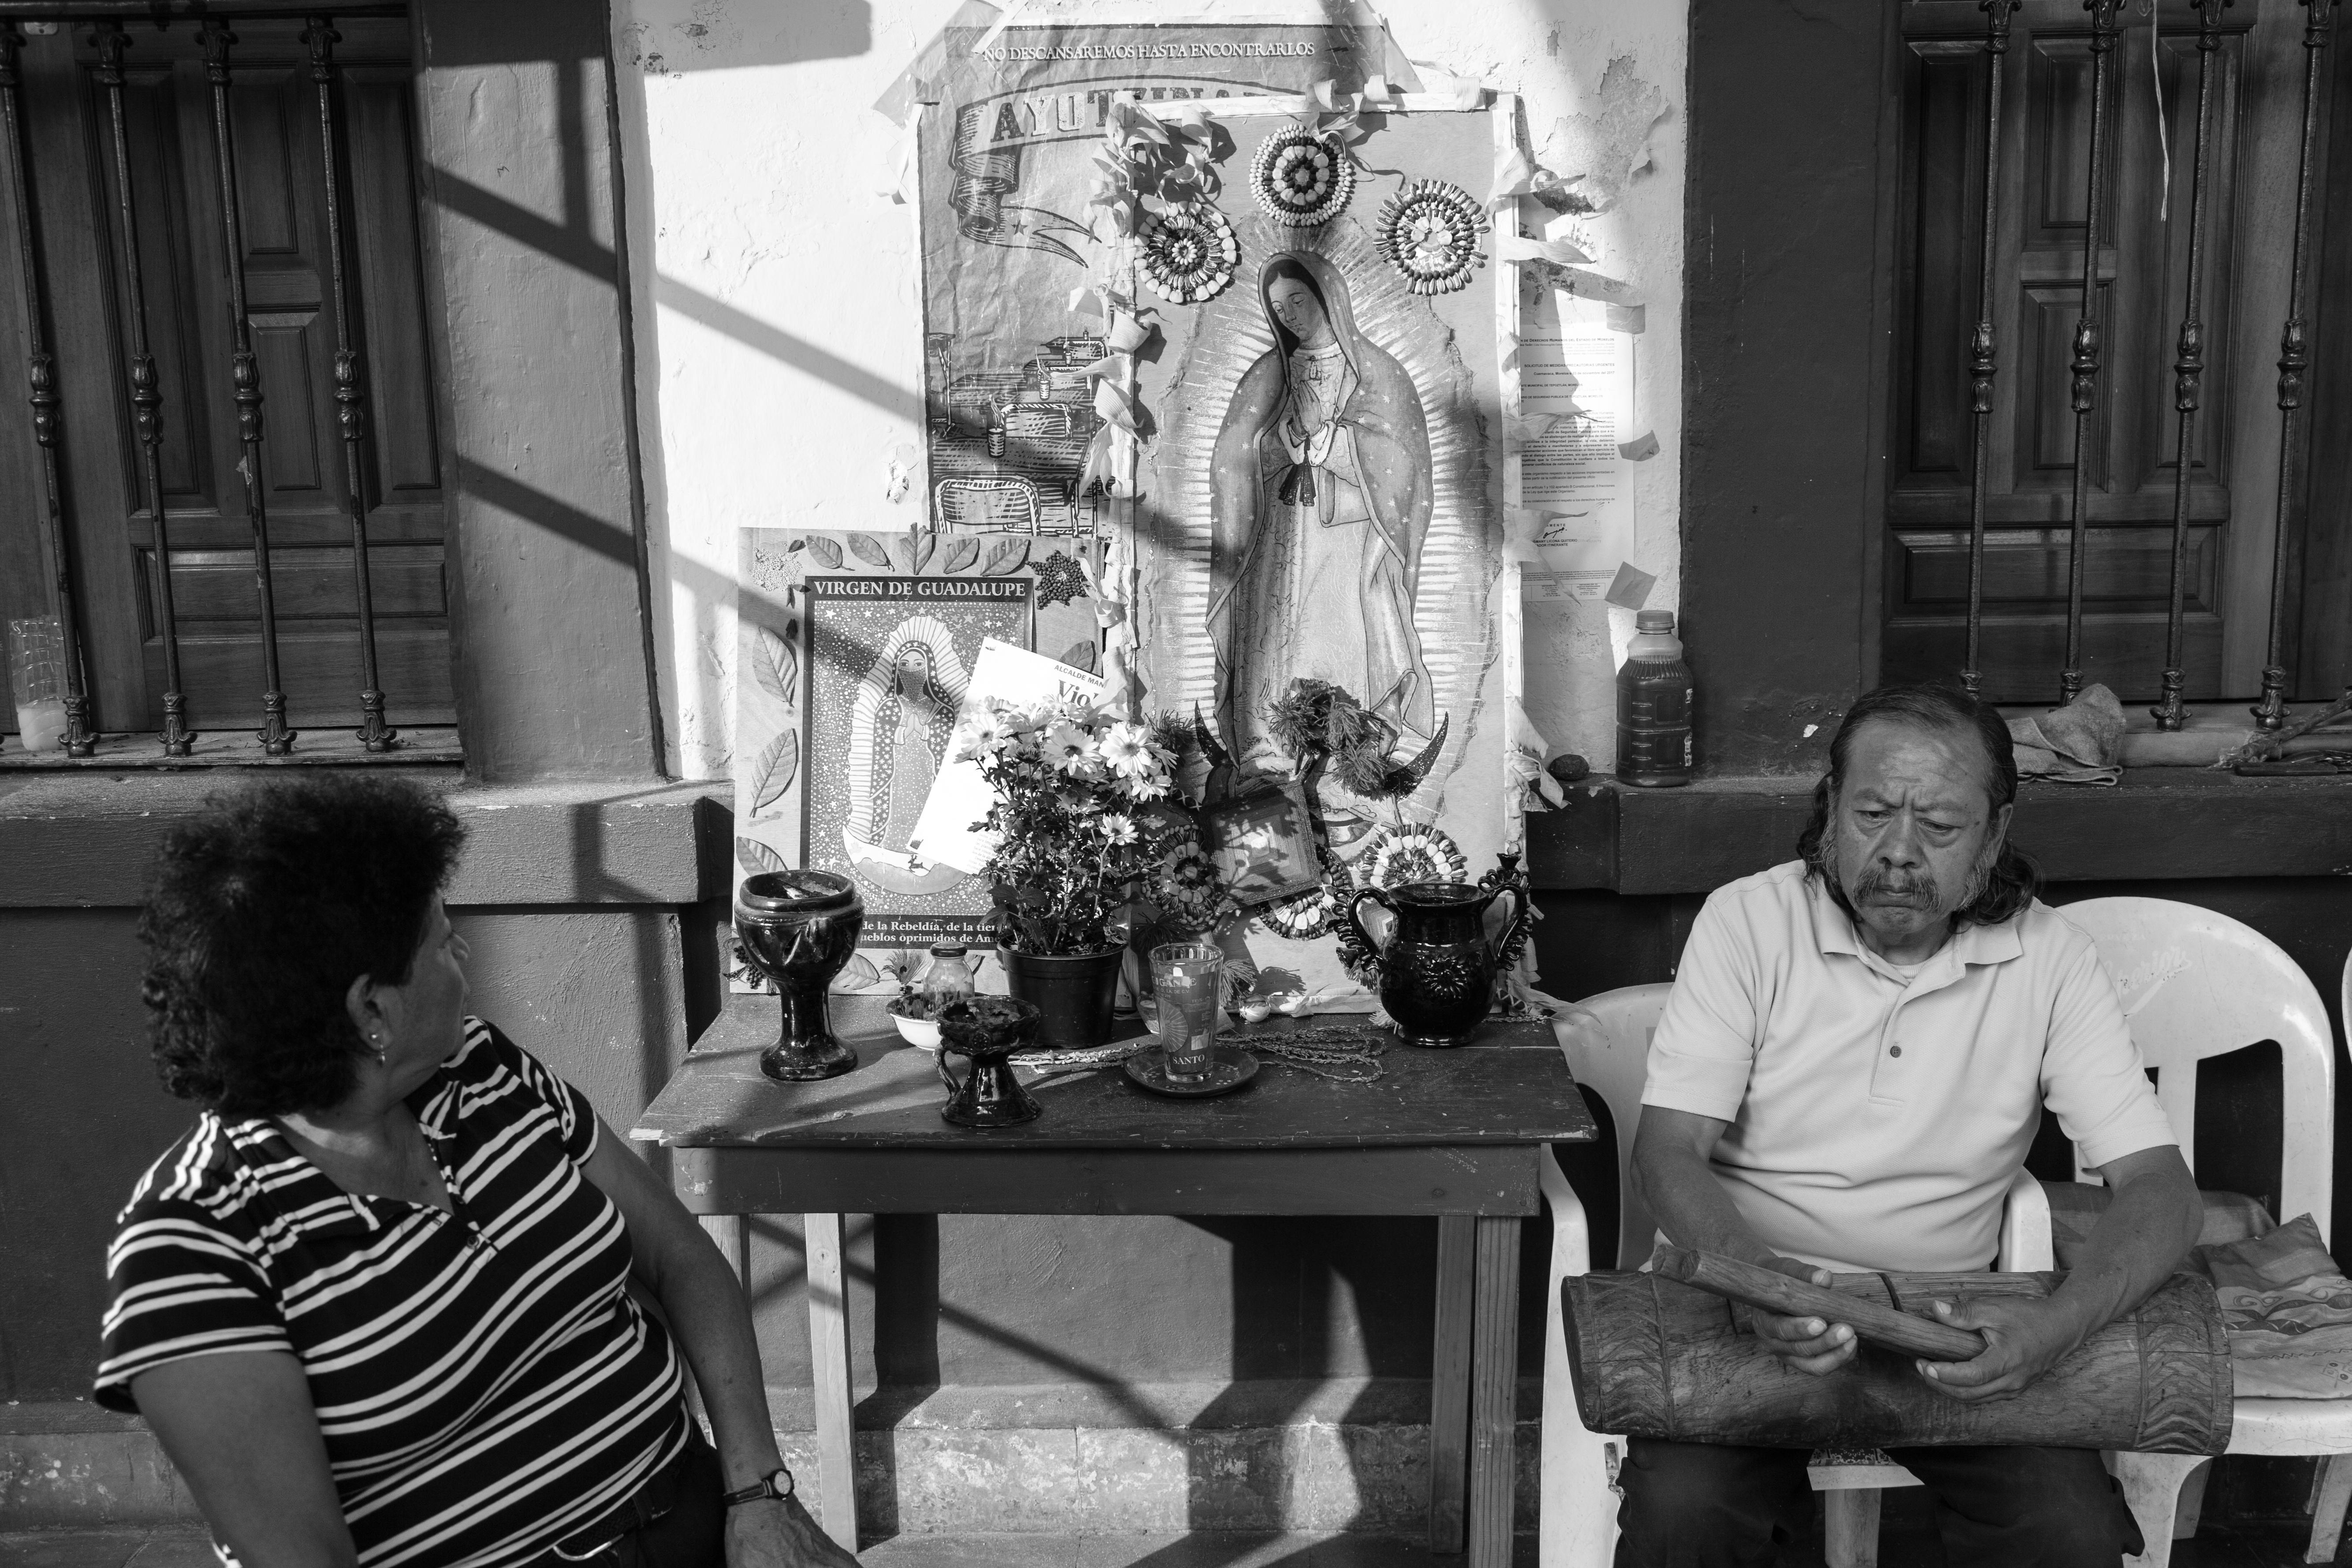 Tepoztlán, Morelos, 21 de noviembre de 2017